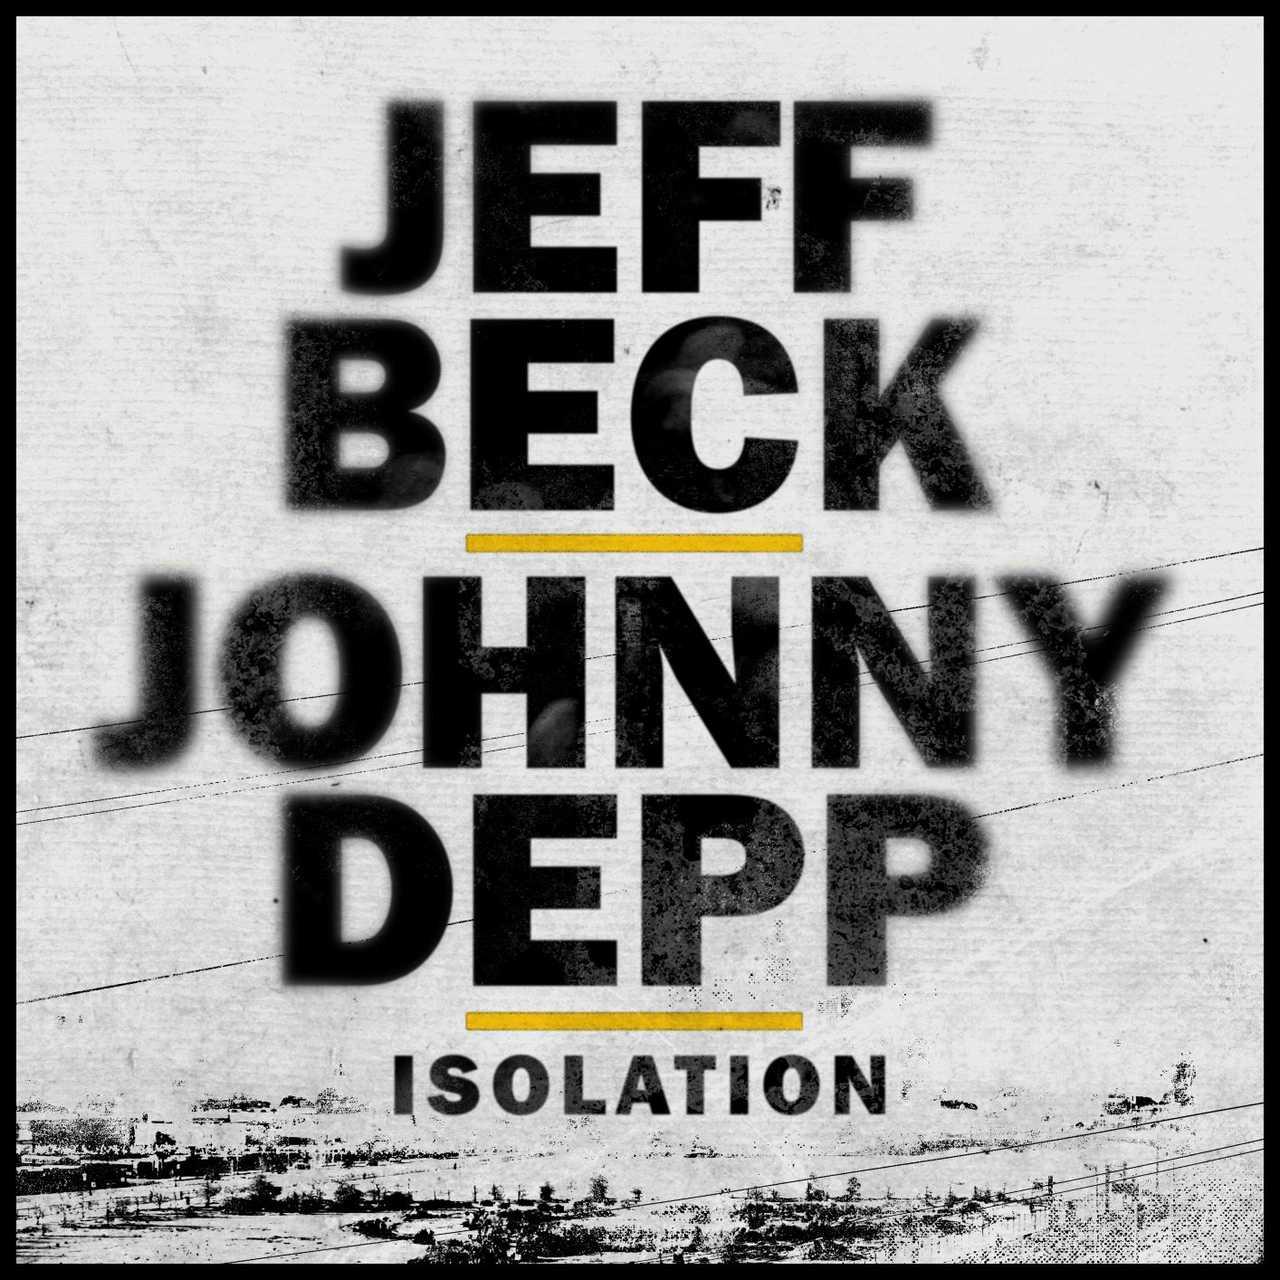 ギターの巨匠 ジェフ・ベックとジョニー・デップ豪華デュオによる初の音源がデジタル配信開始!